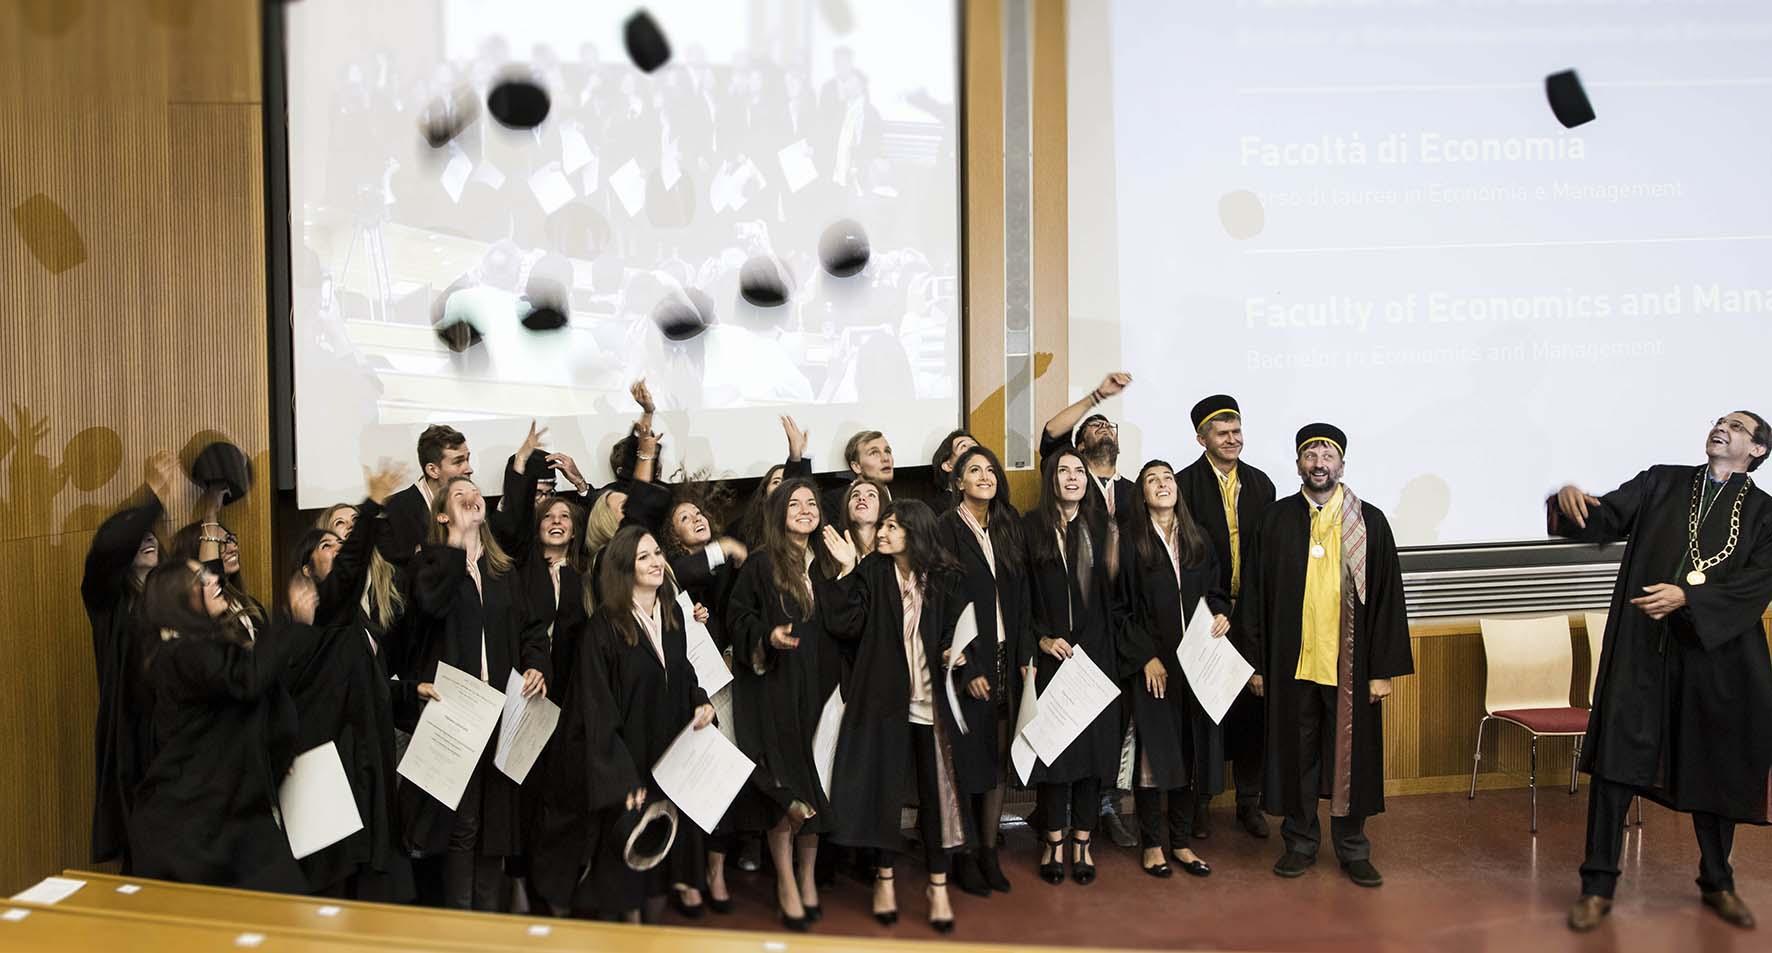 UnBz cerimonia consegna diplomi laurea 2017 lancio tocco